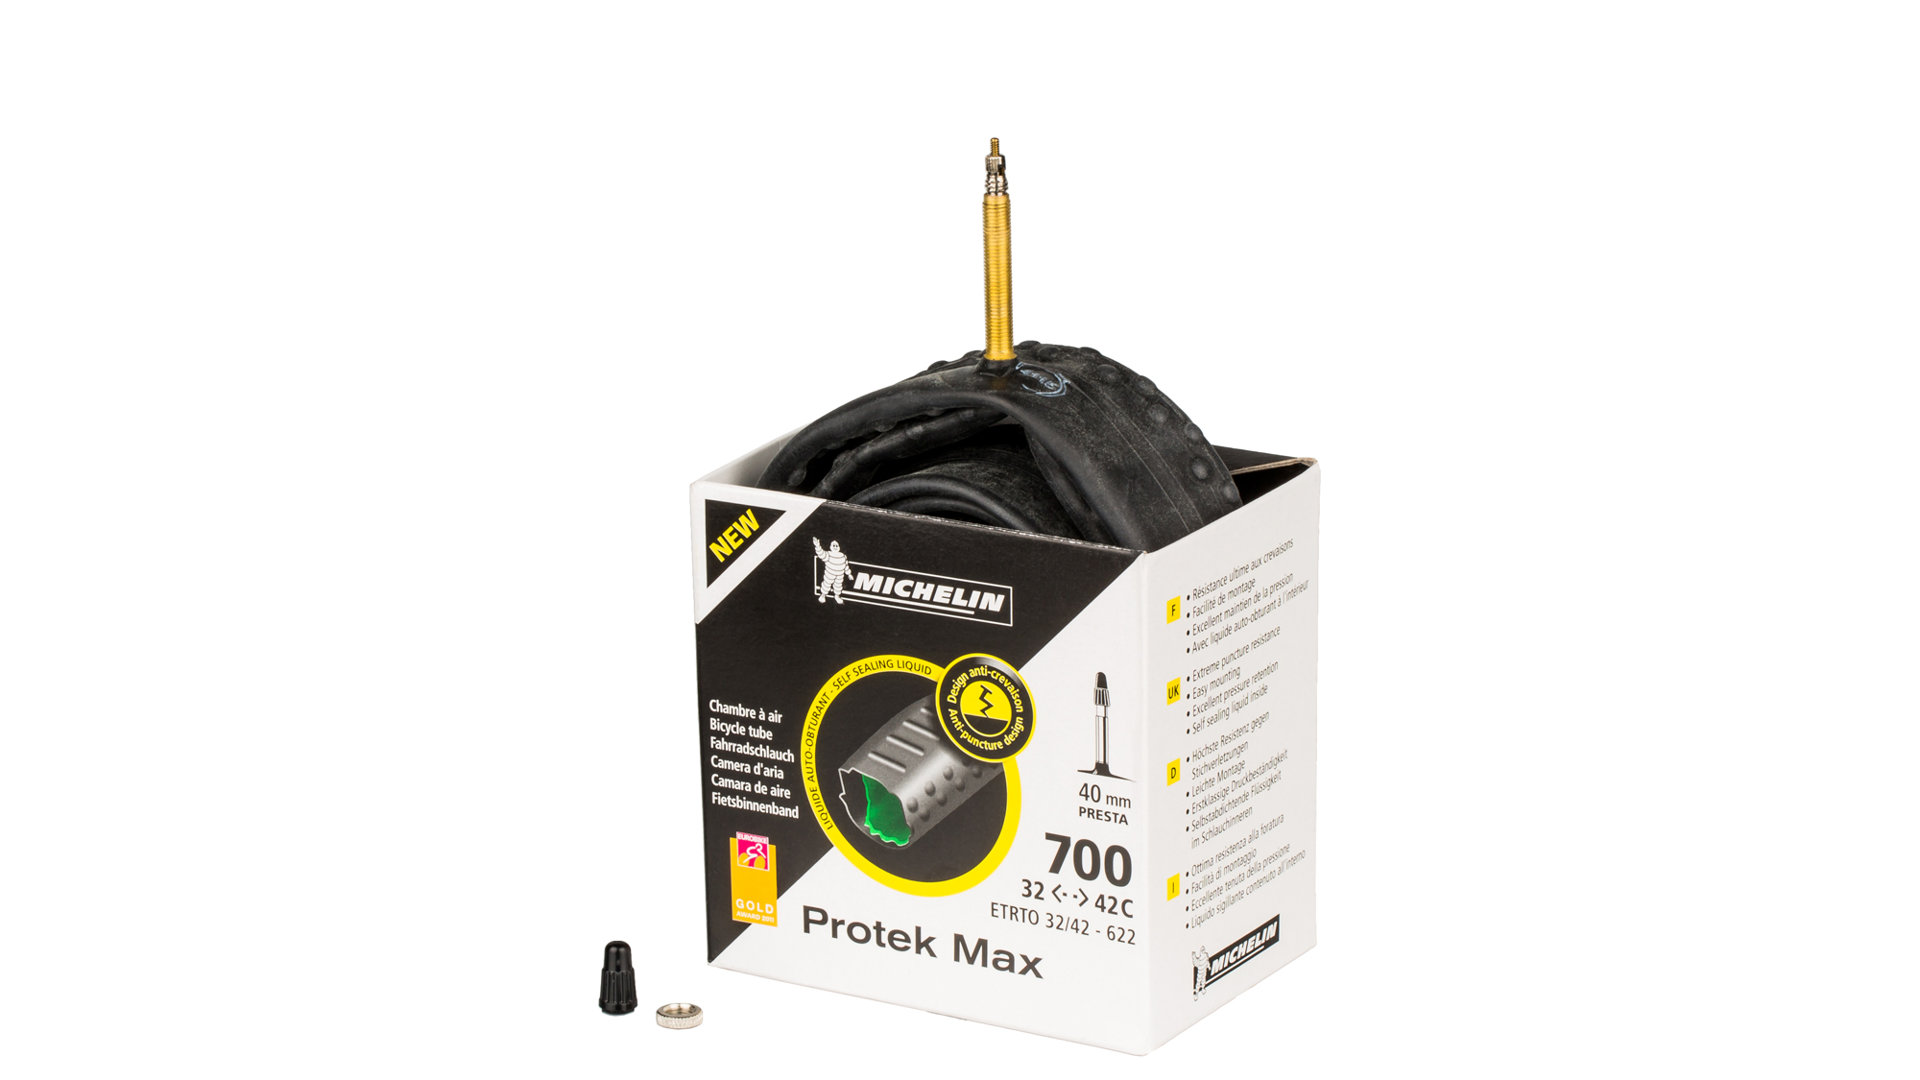 Michelin CH.A3 PROTEK MAX - 32/42 x 622 PR40